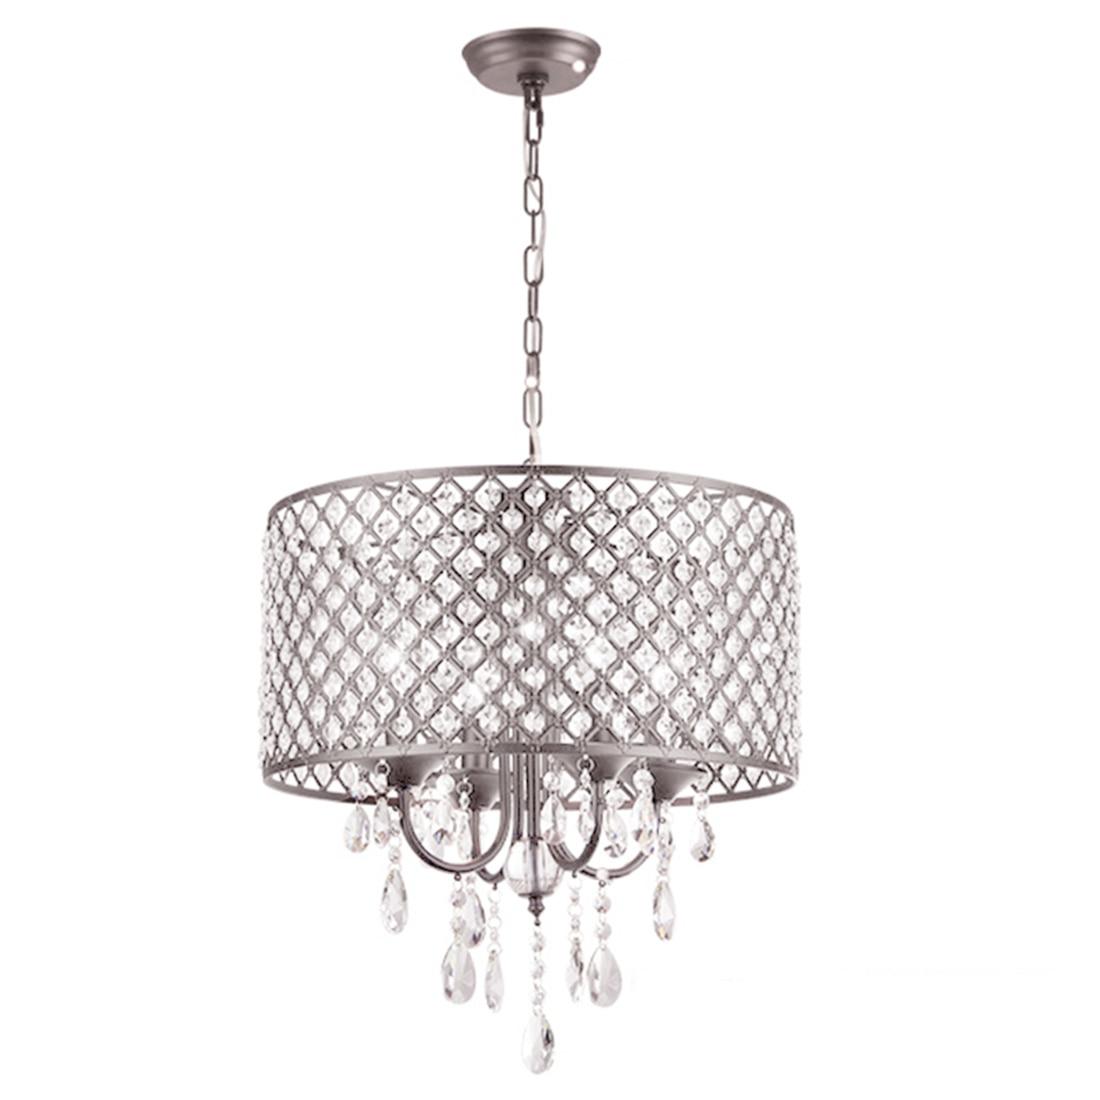 40cm Modern Contemporary Crystal Pendant Light Ceiling Lamp Chandelier Lighting 2 packs modern contemporary chandelier lighting crystal ball fixture pendant ceiling lamp 1 light e14